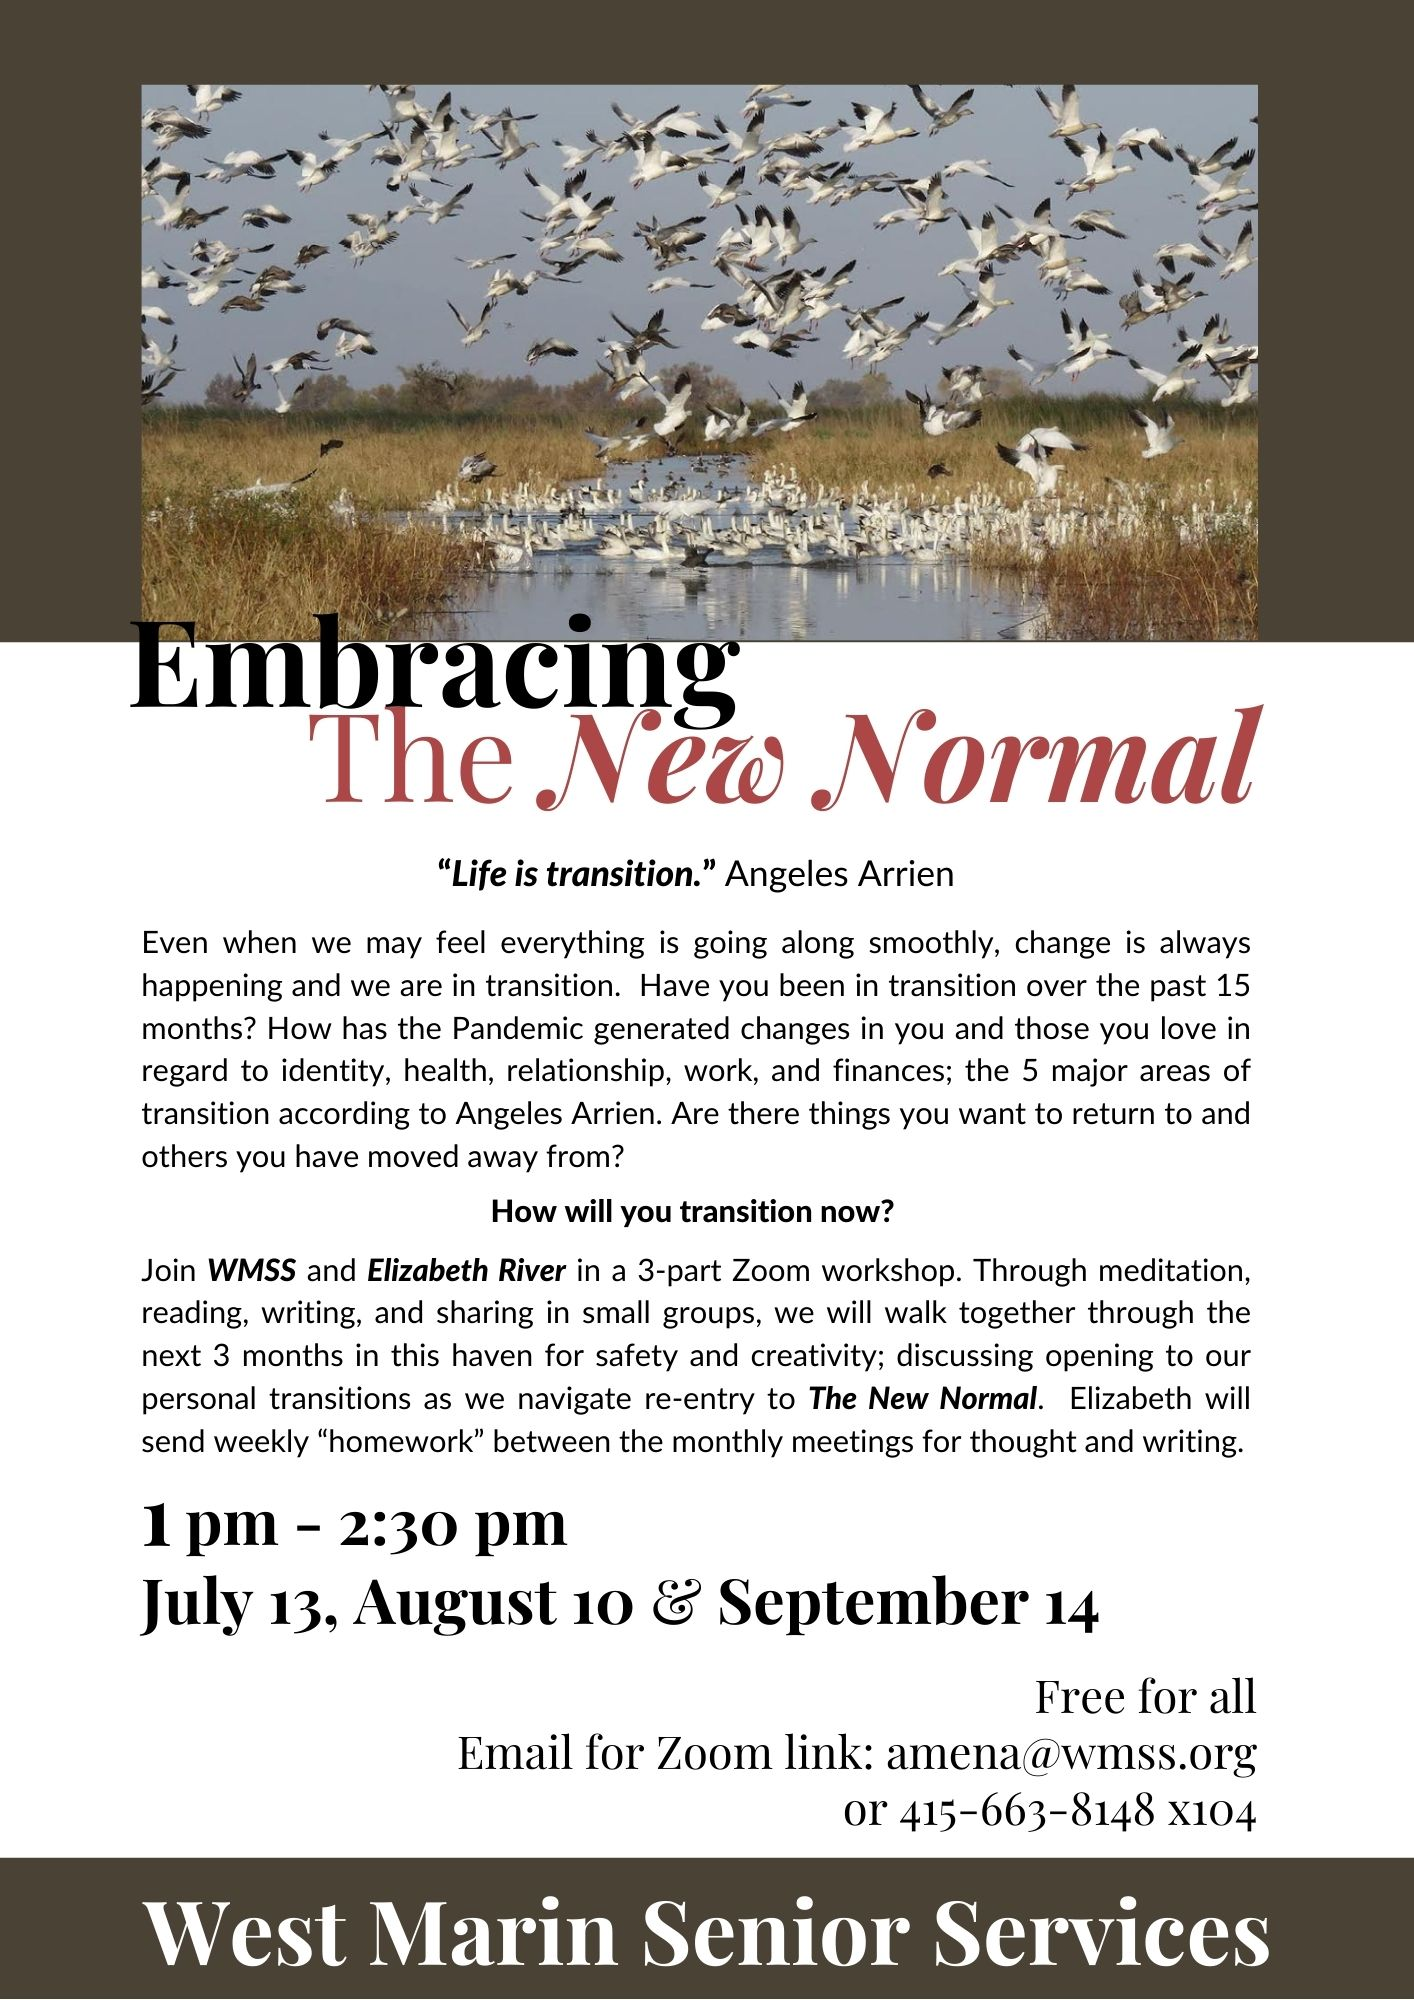 A new normal workshop flier monthly workshop.